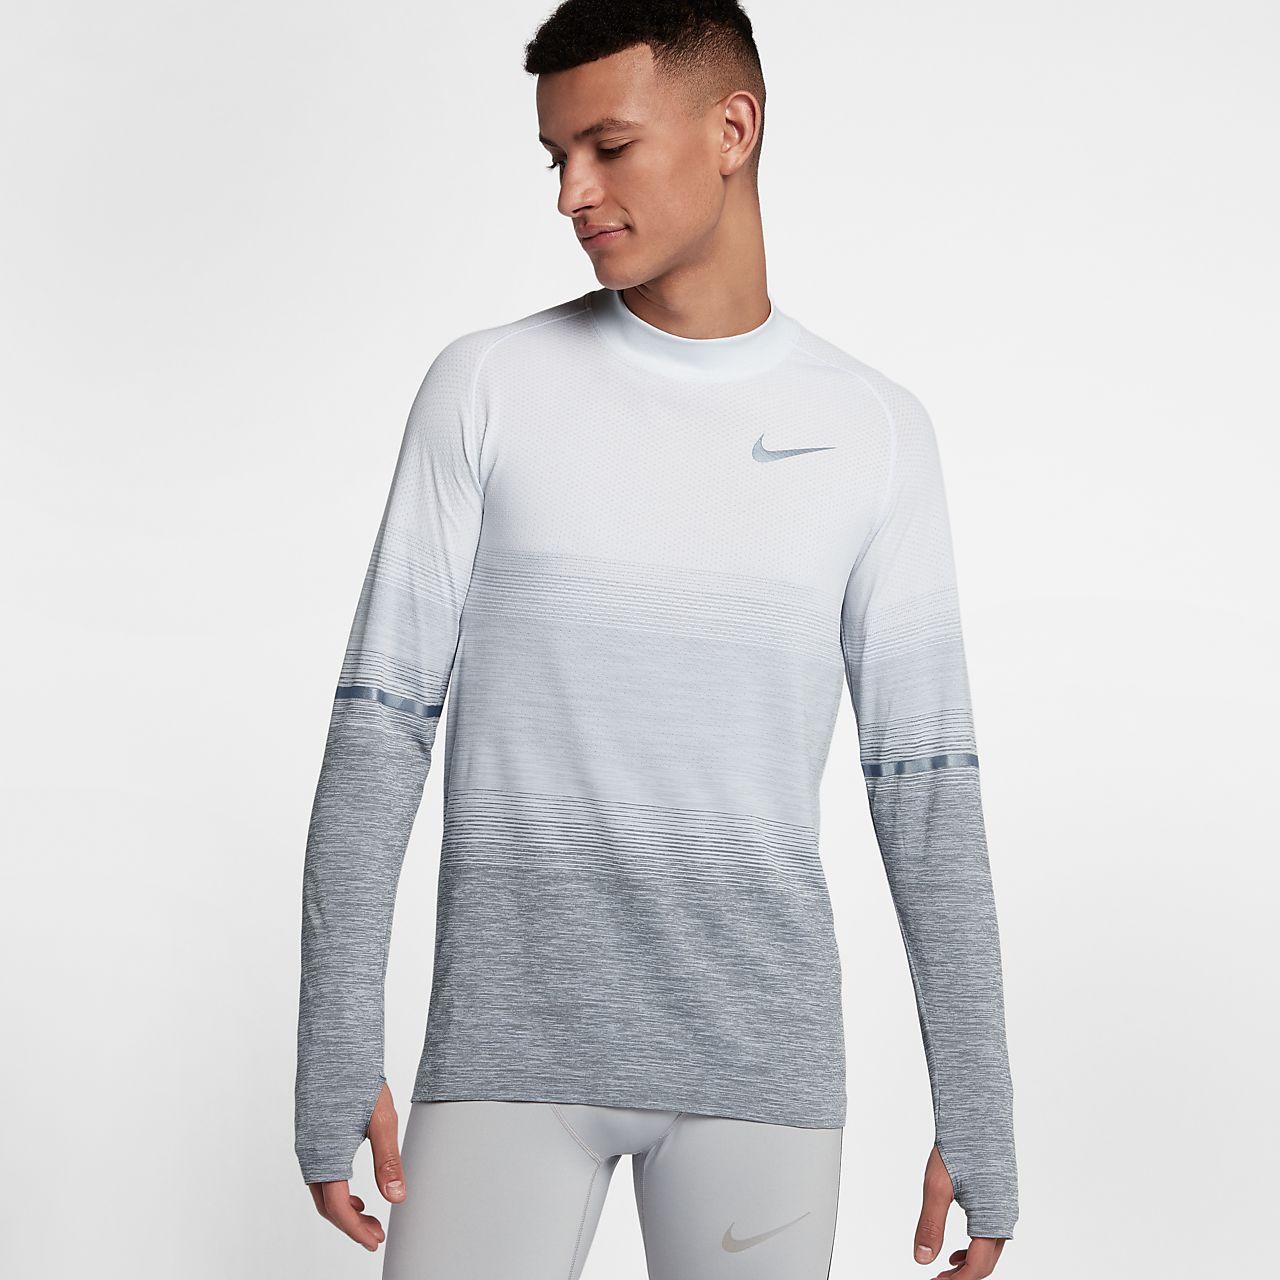 Nike Top de manga larga gris de Nike Plus Training nCVav